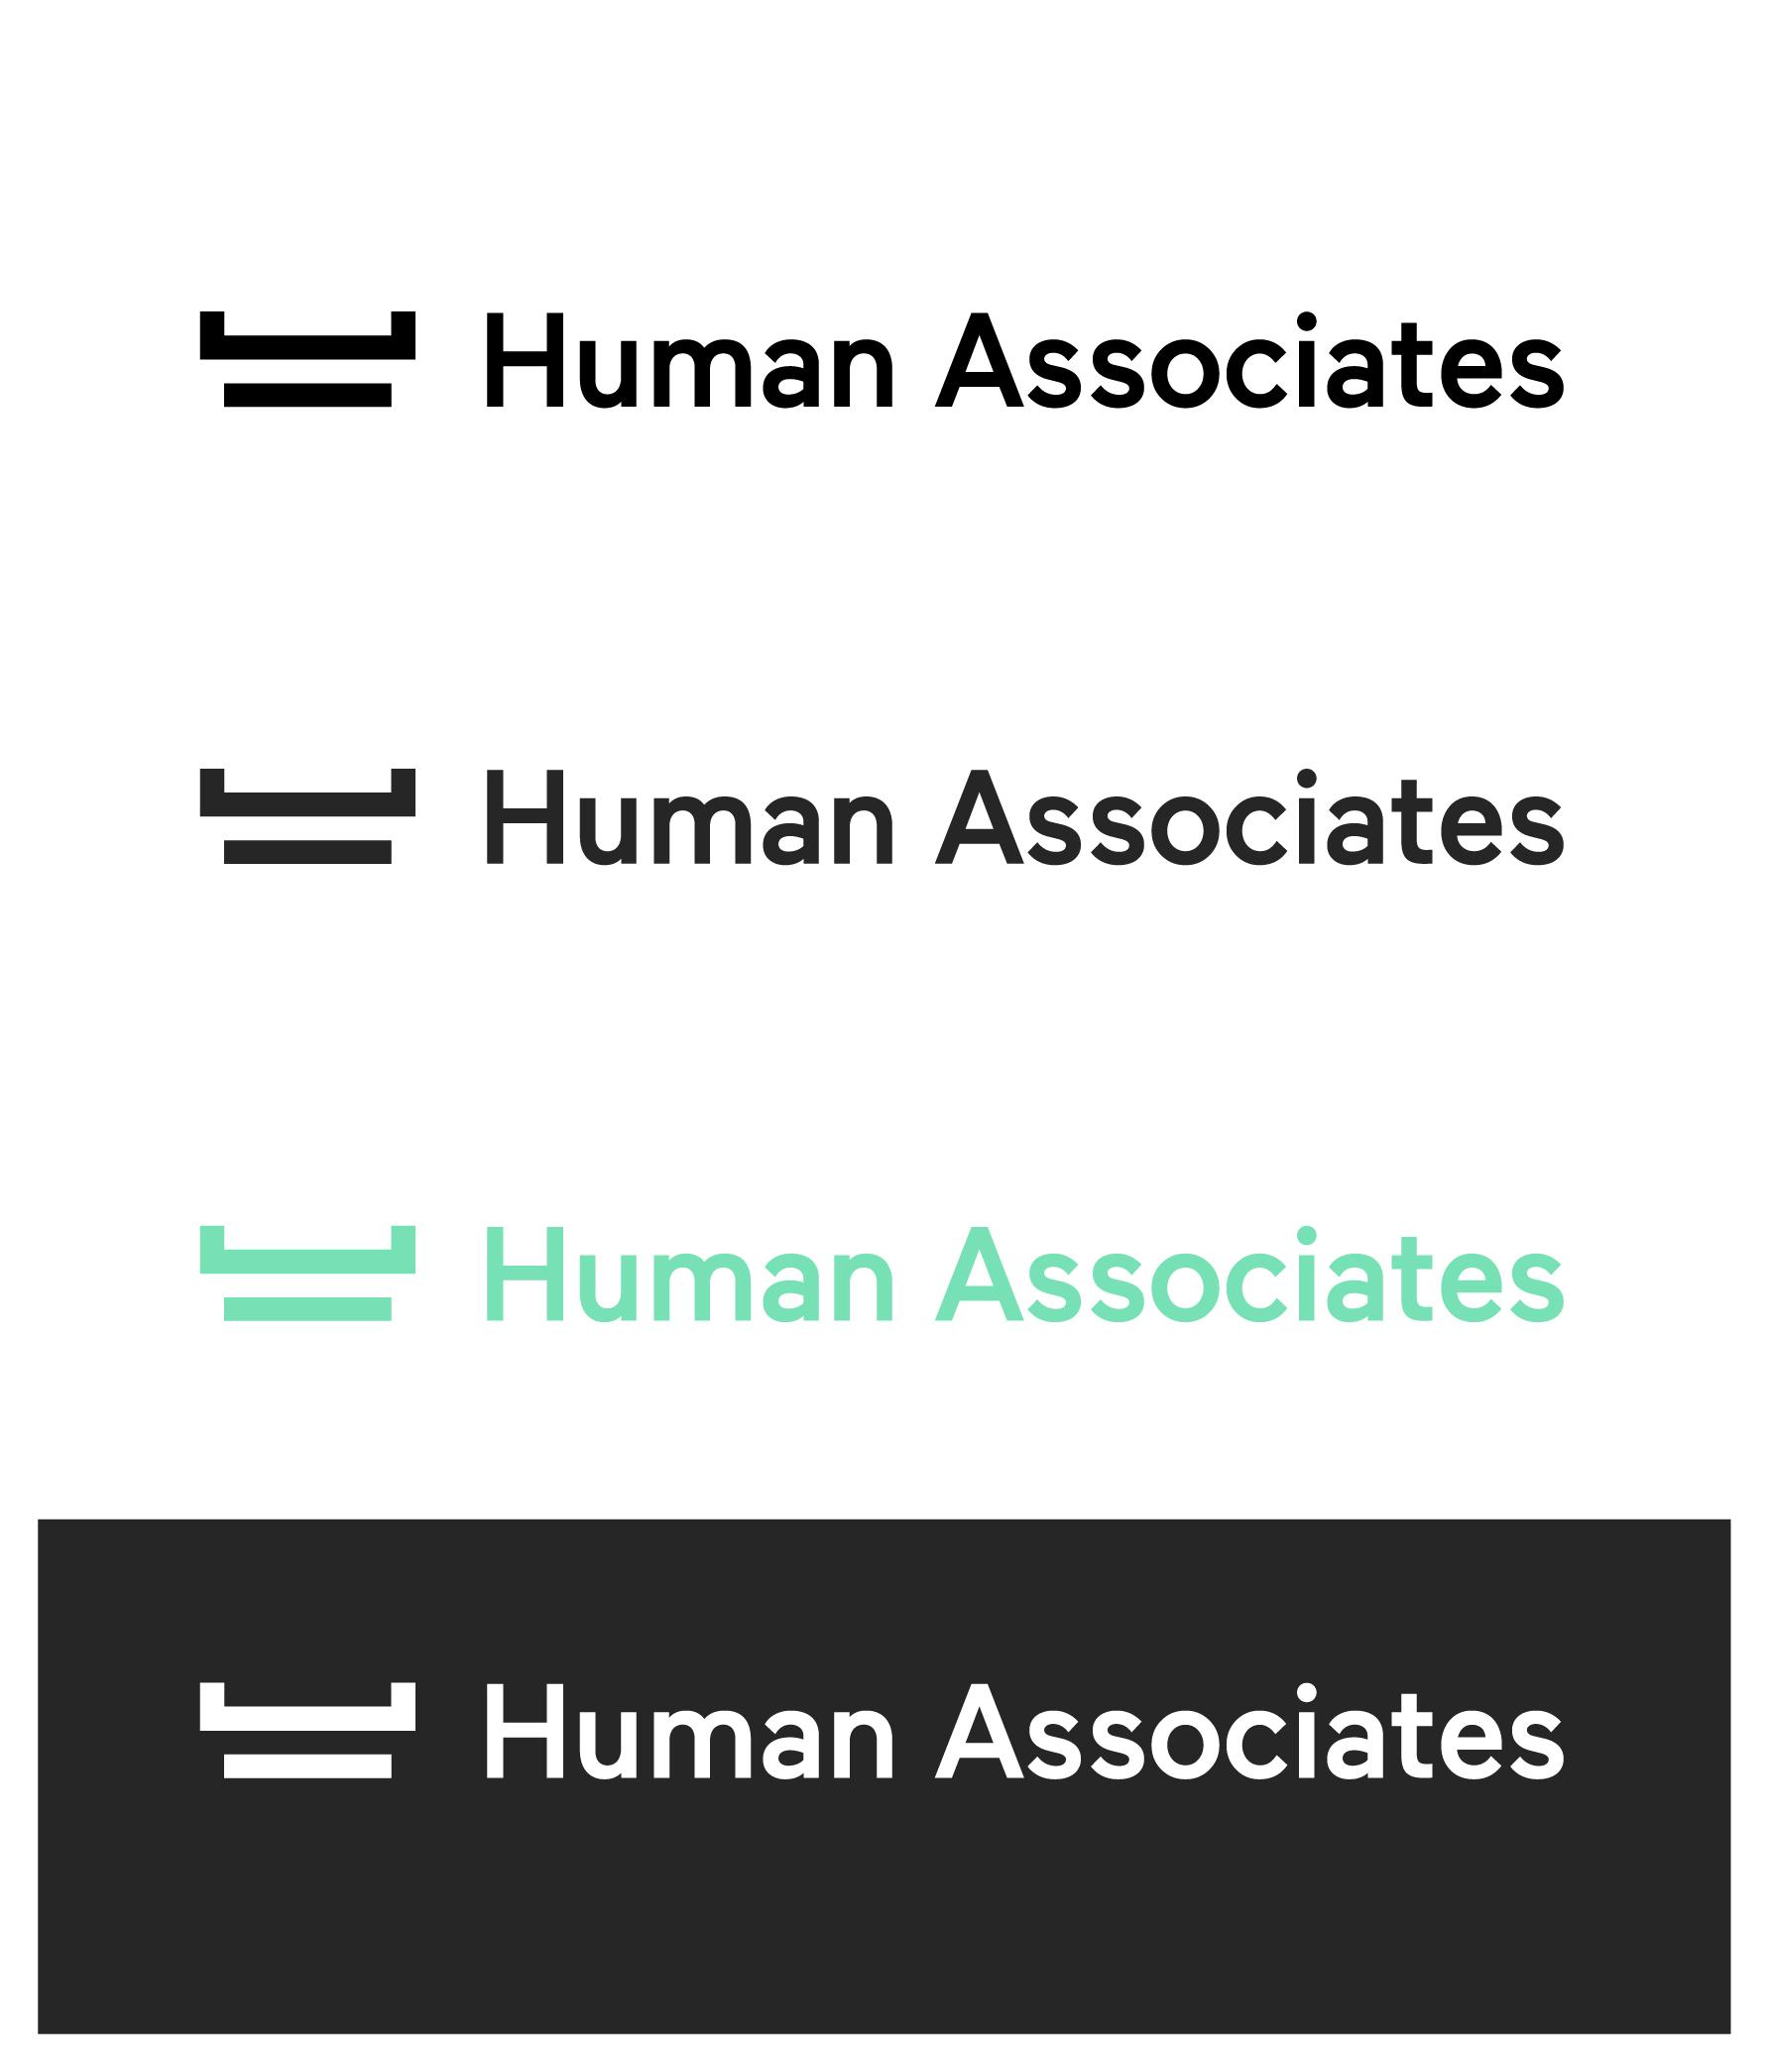 Human Associates10